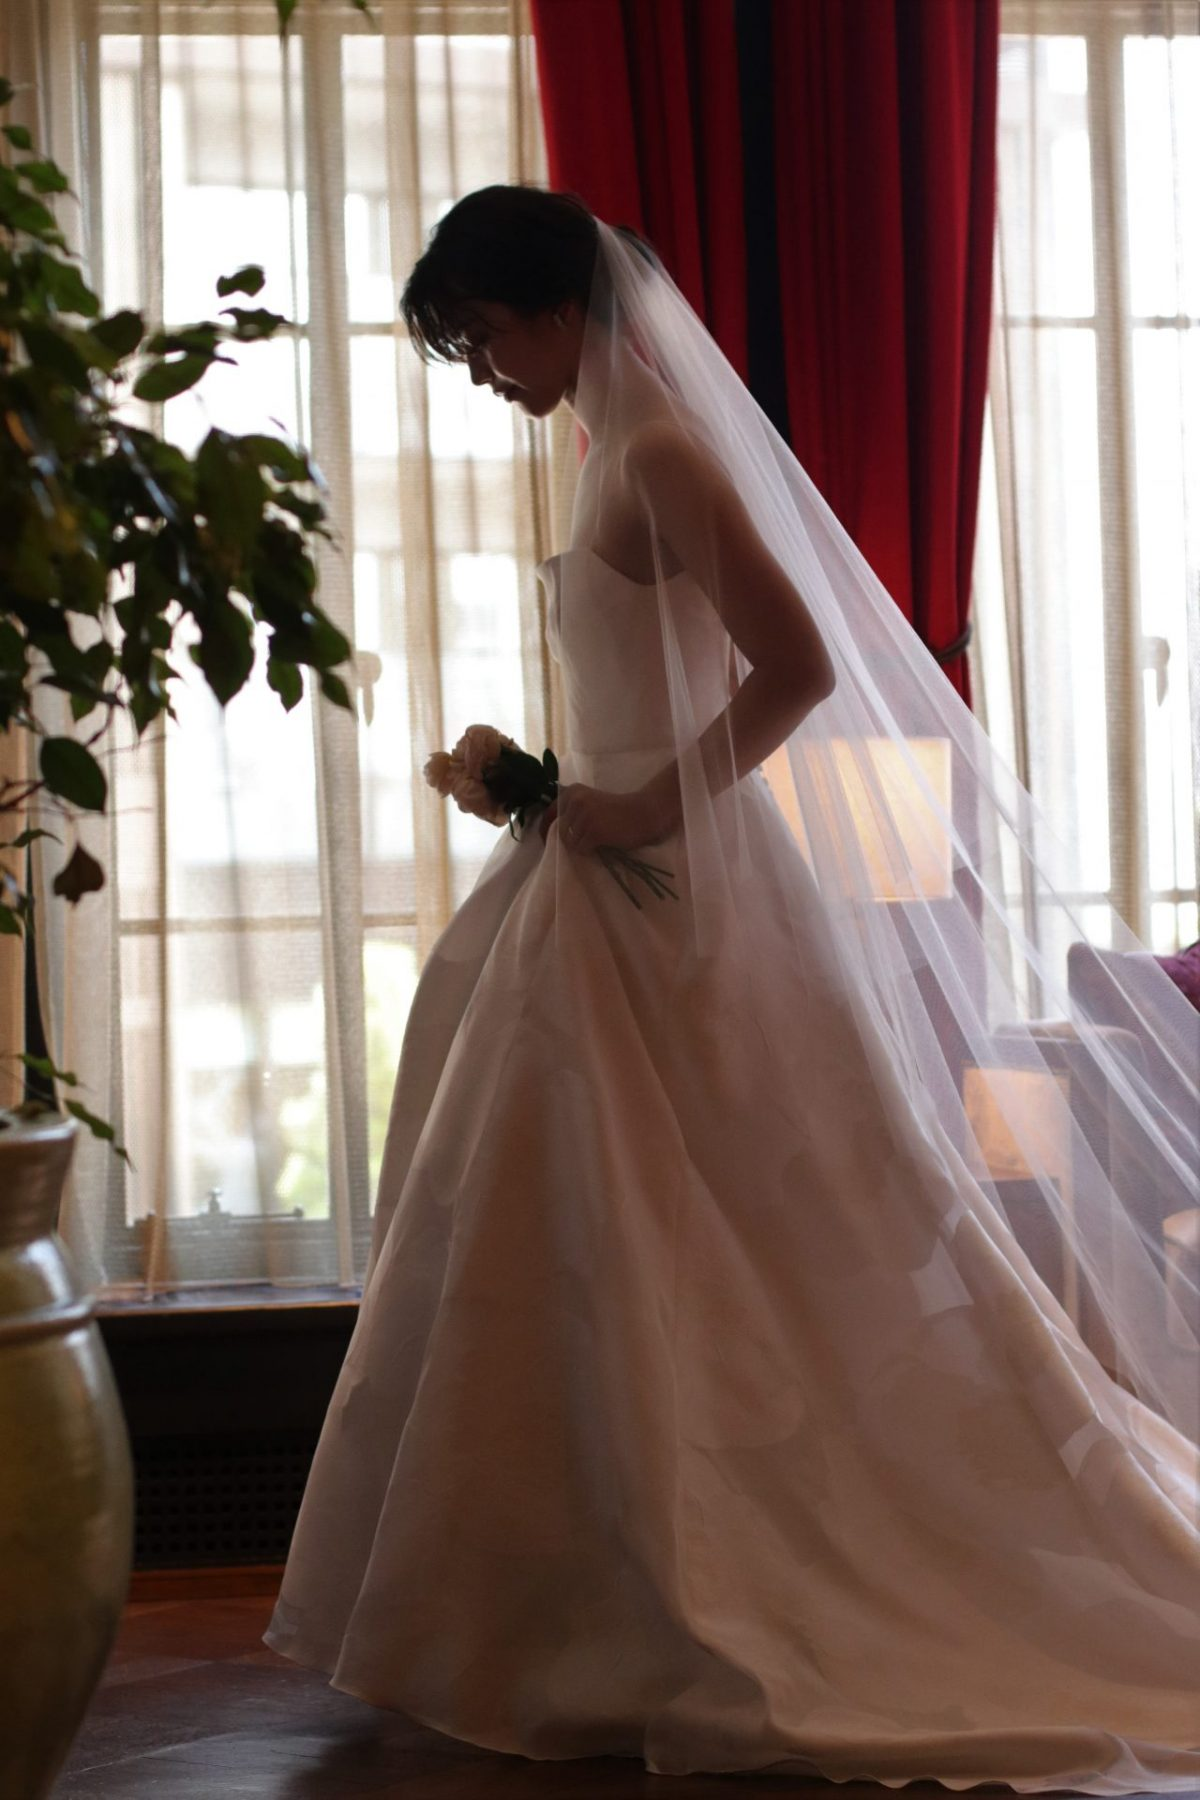 大人な花嫁様に人気の赤坂プリンスクラシックハウスのクラシックでお洒落な雰囲気に合わせて、軽やかなAラインのウェディングドレスに透明感のあるロングベールをつけた厳かな雰囲気を演出しています